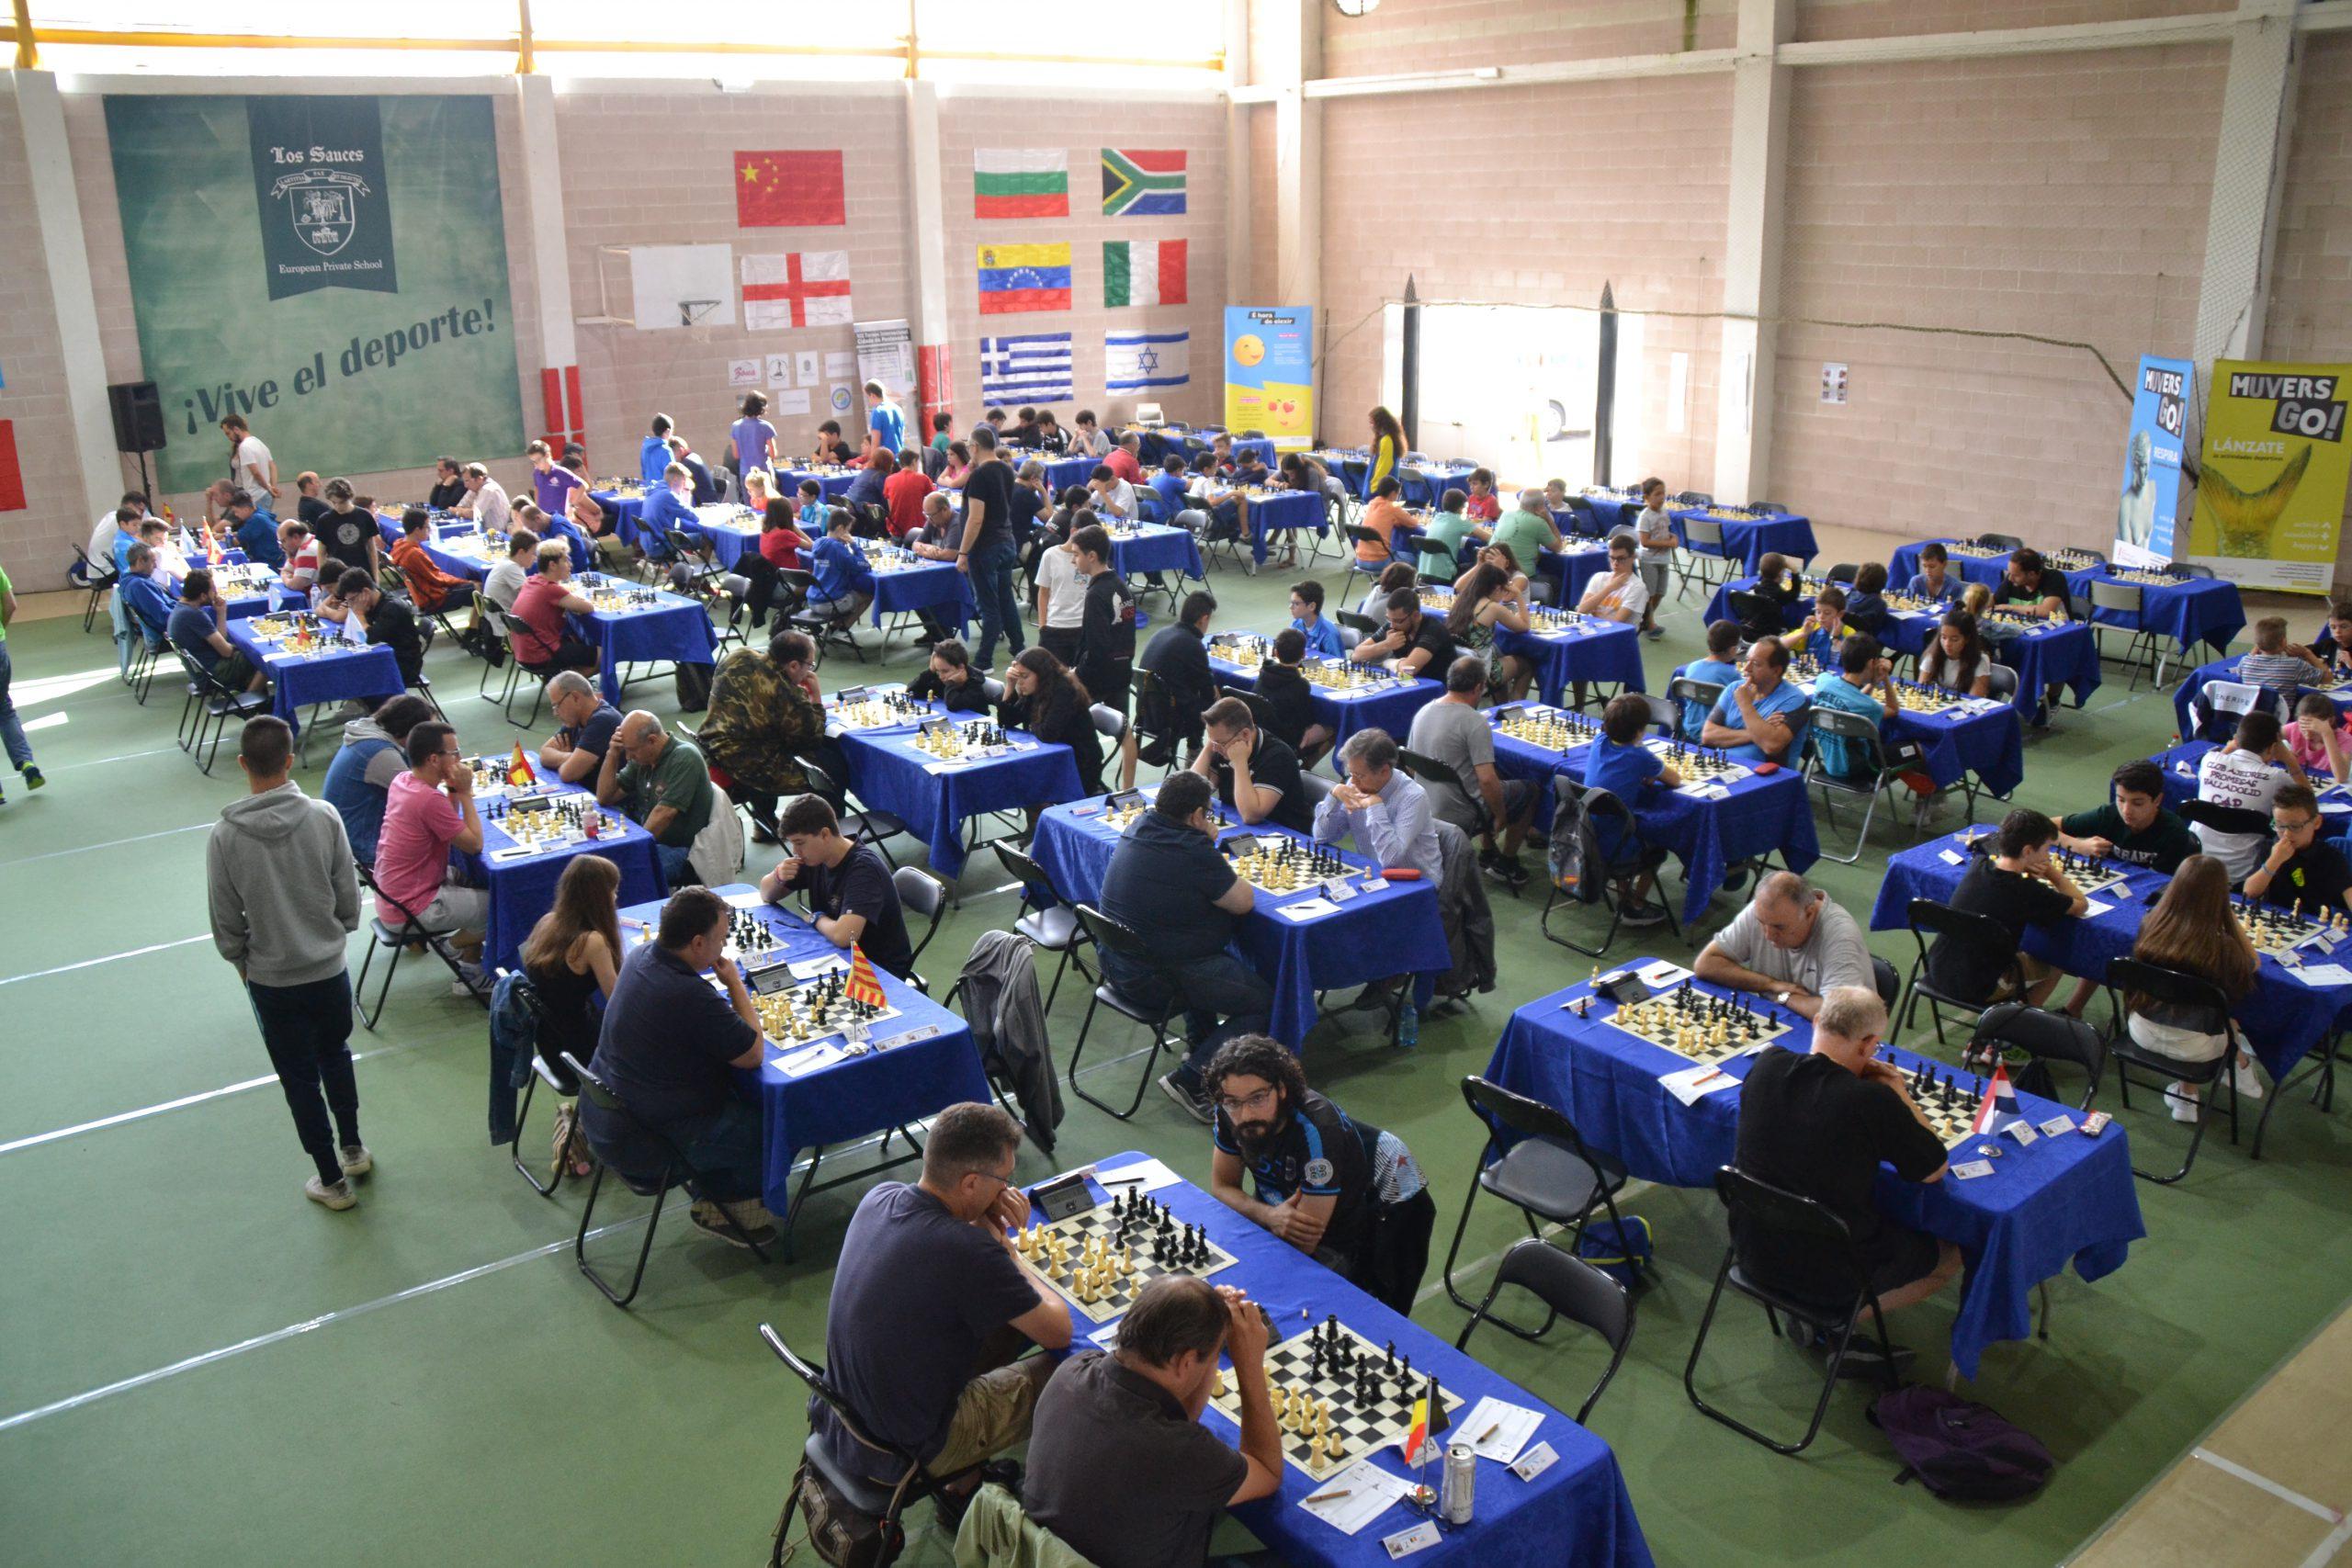 VIII Torneo Internacional Cidade de Pontevedra